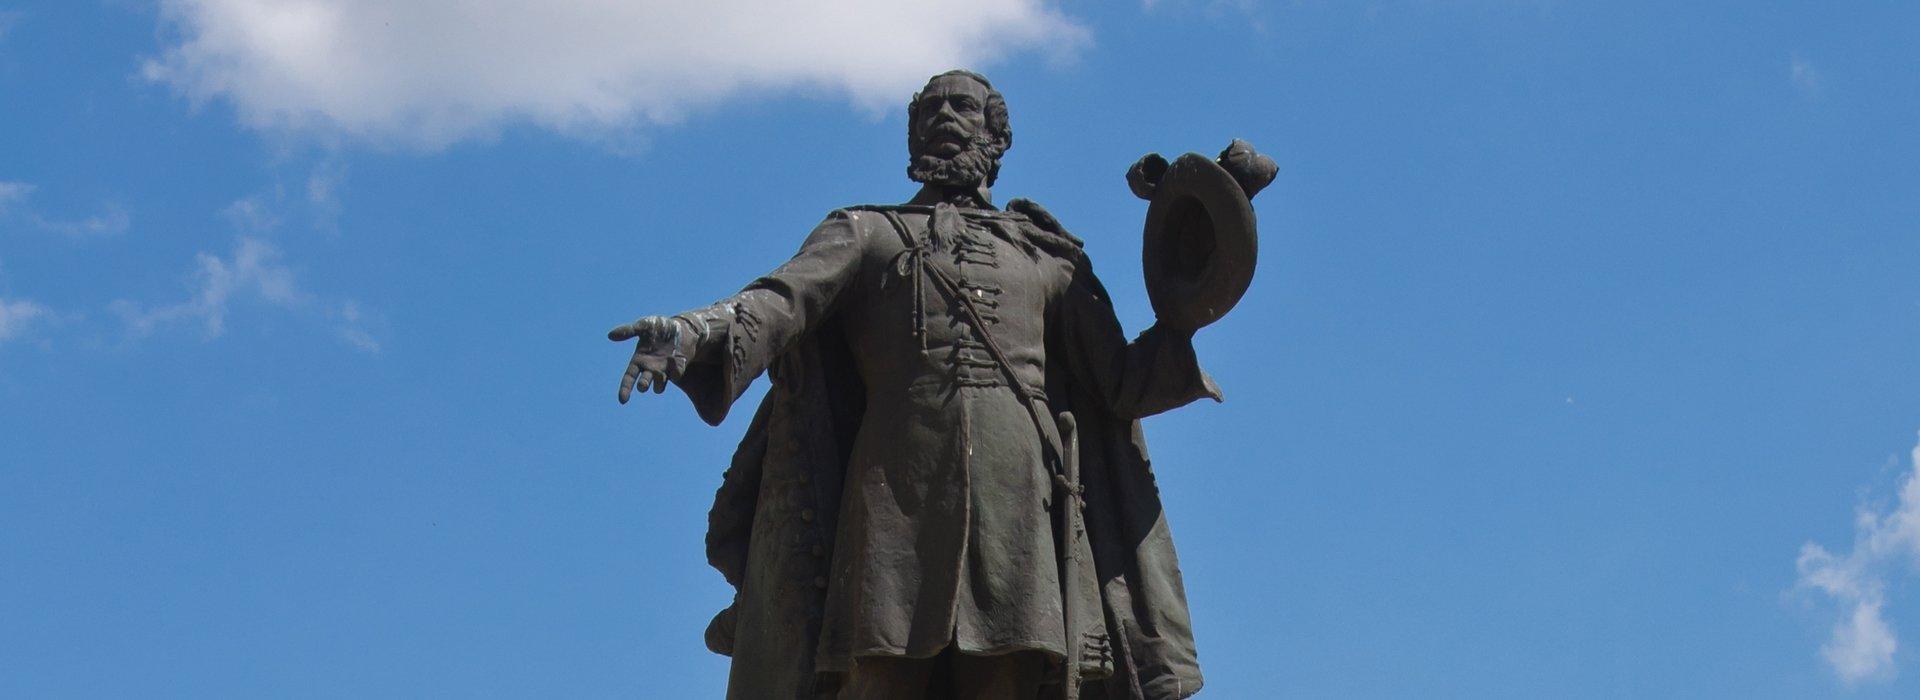 Szeged Történet - Szeged Történelem